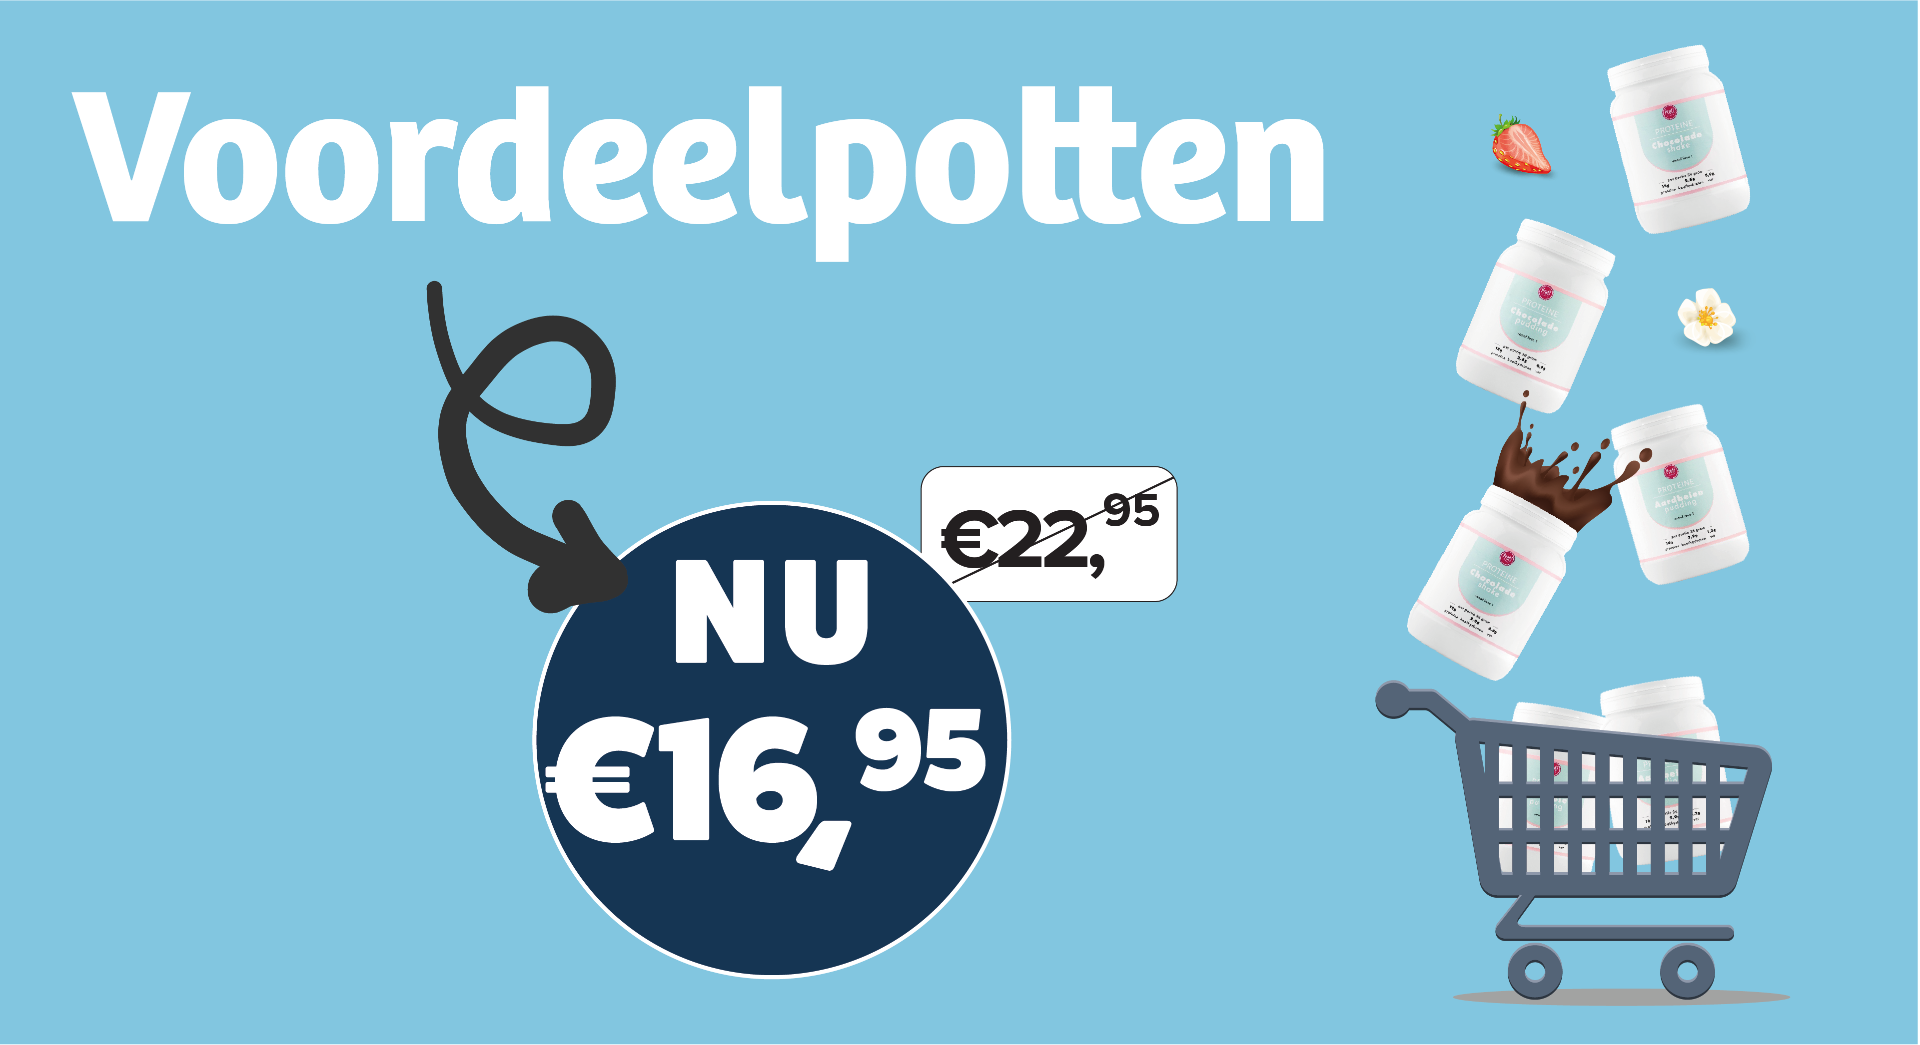 Voordeelpotten voor slechts €16,95!